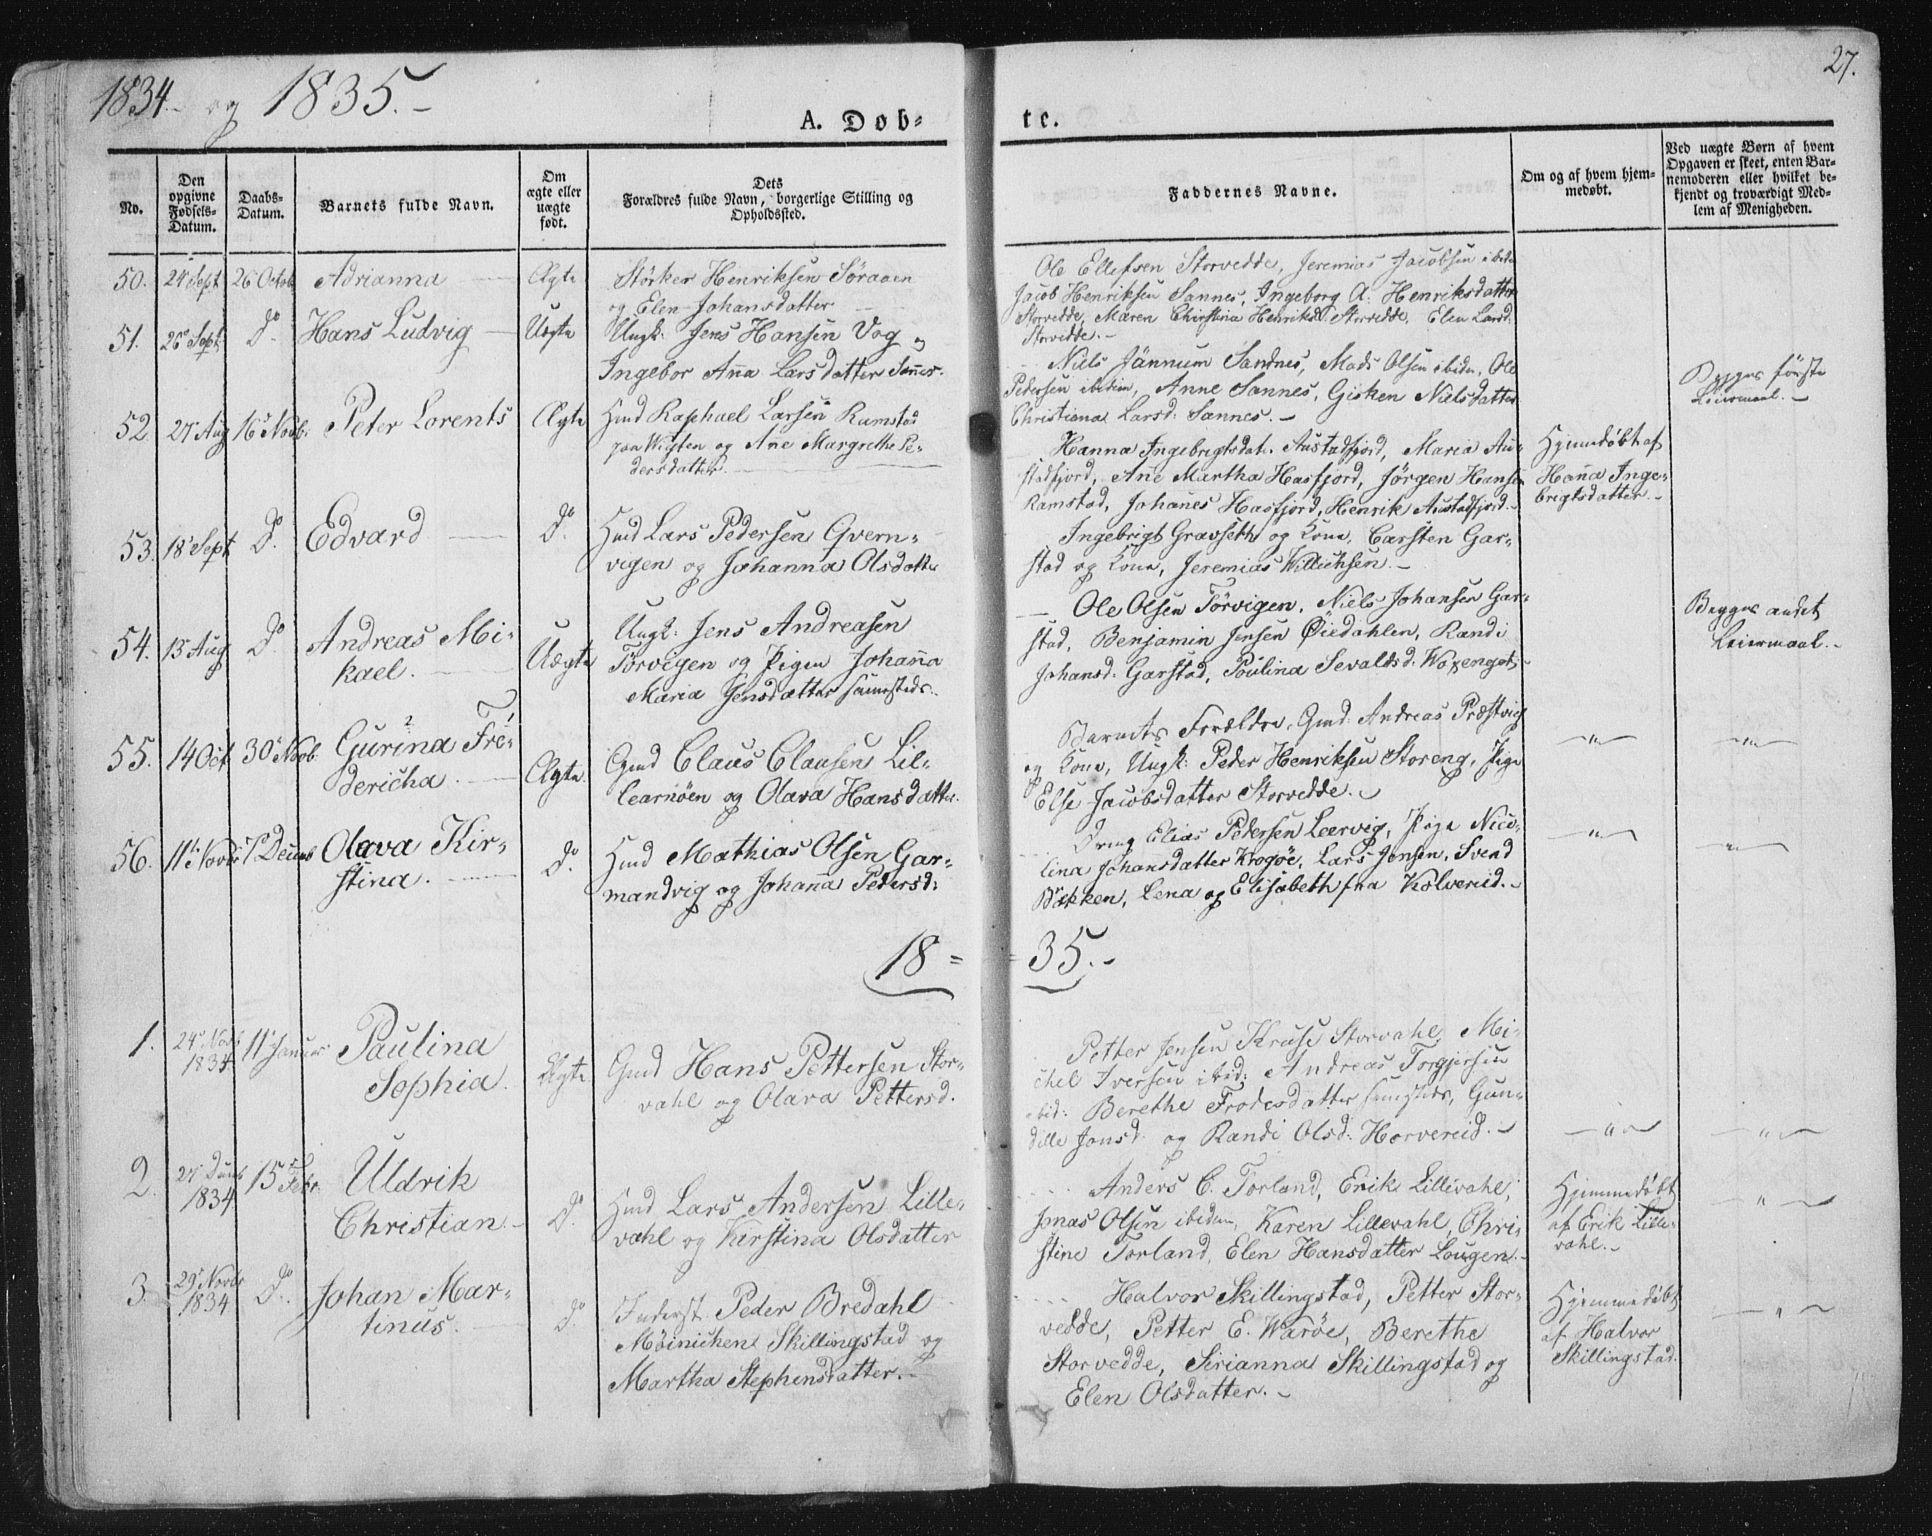 SAT, Ministerialprotokoller, klokkerbøker og fødselsregistre - Nord-Trøndelag, 784/L0669: Ministerialbok nr. 784A04, 1829-1859, s. 27